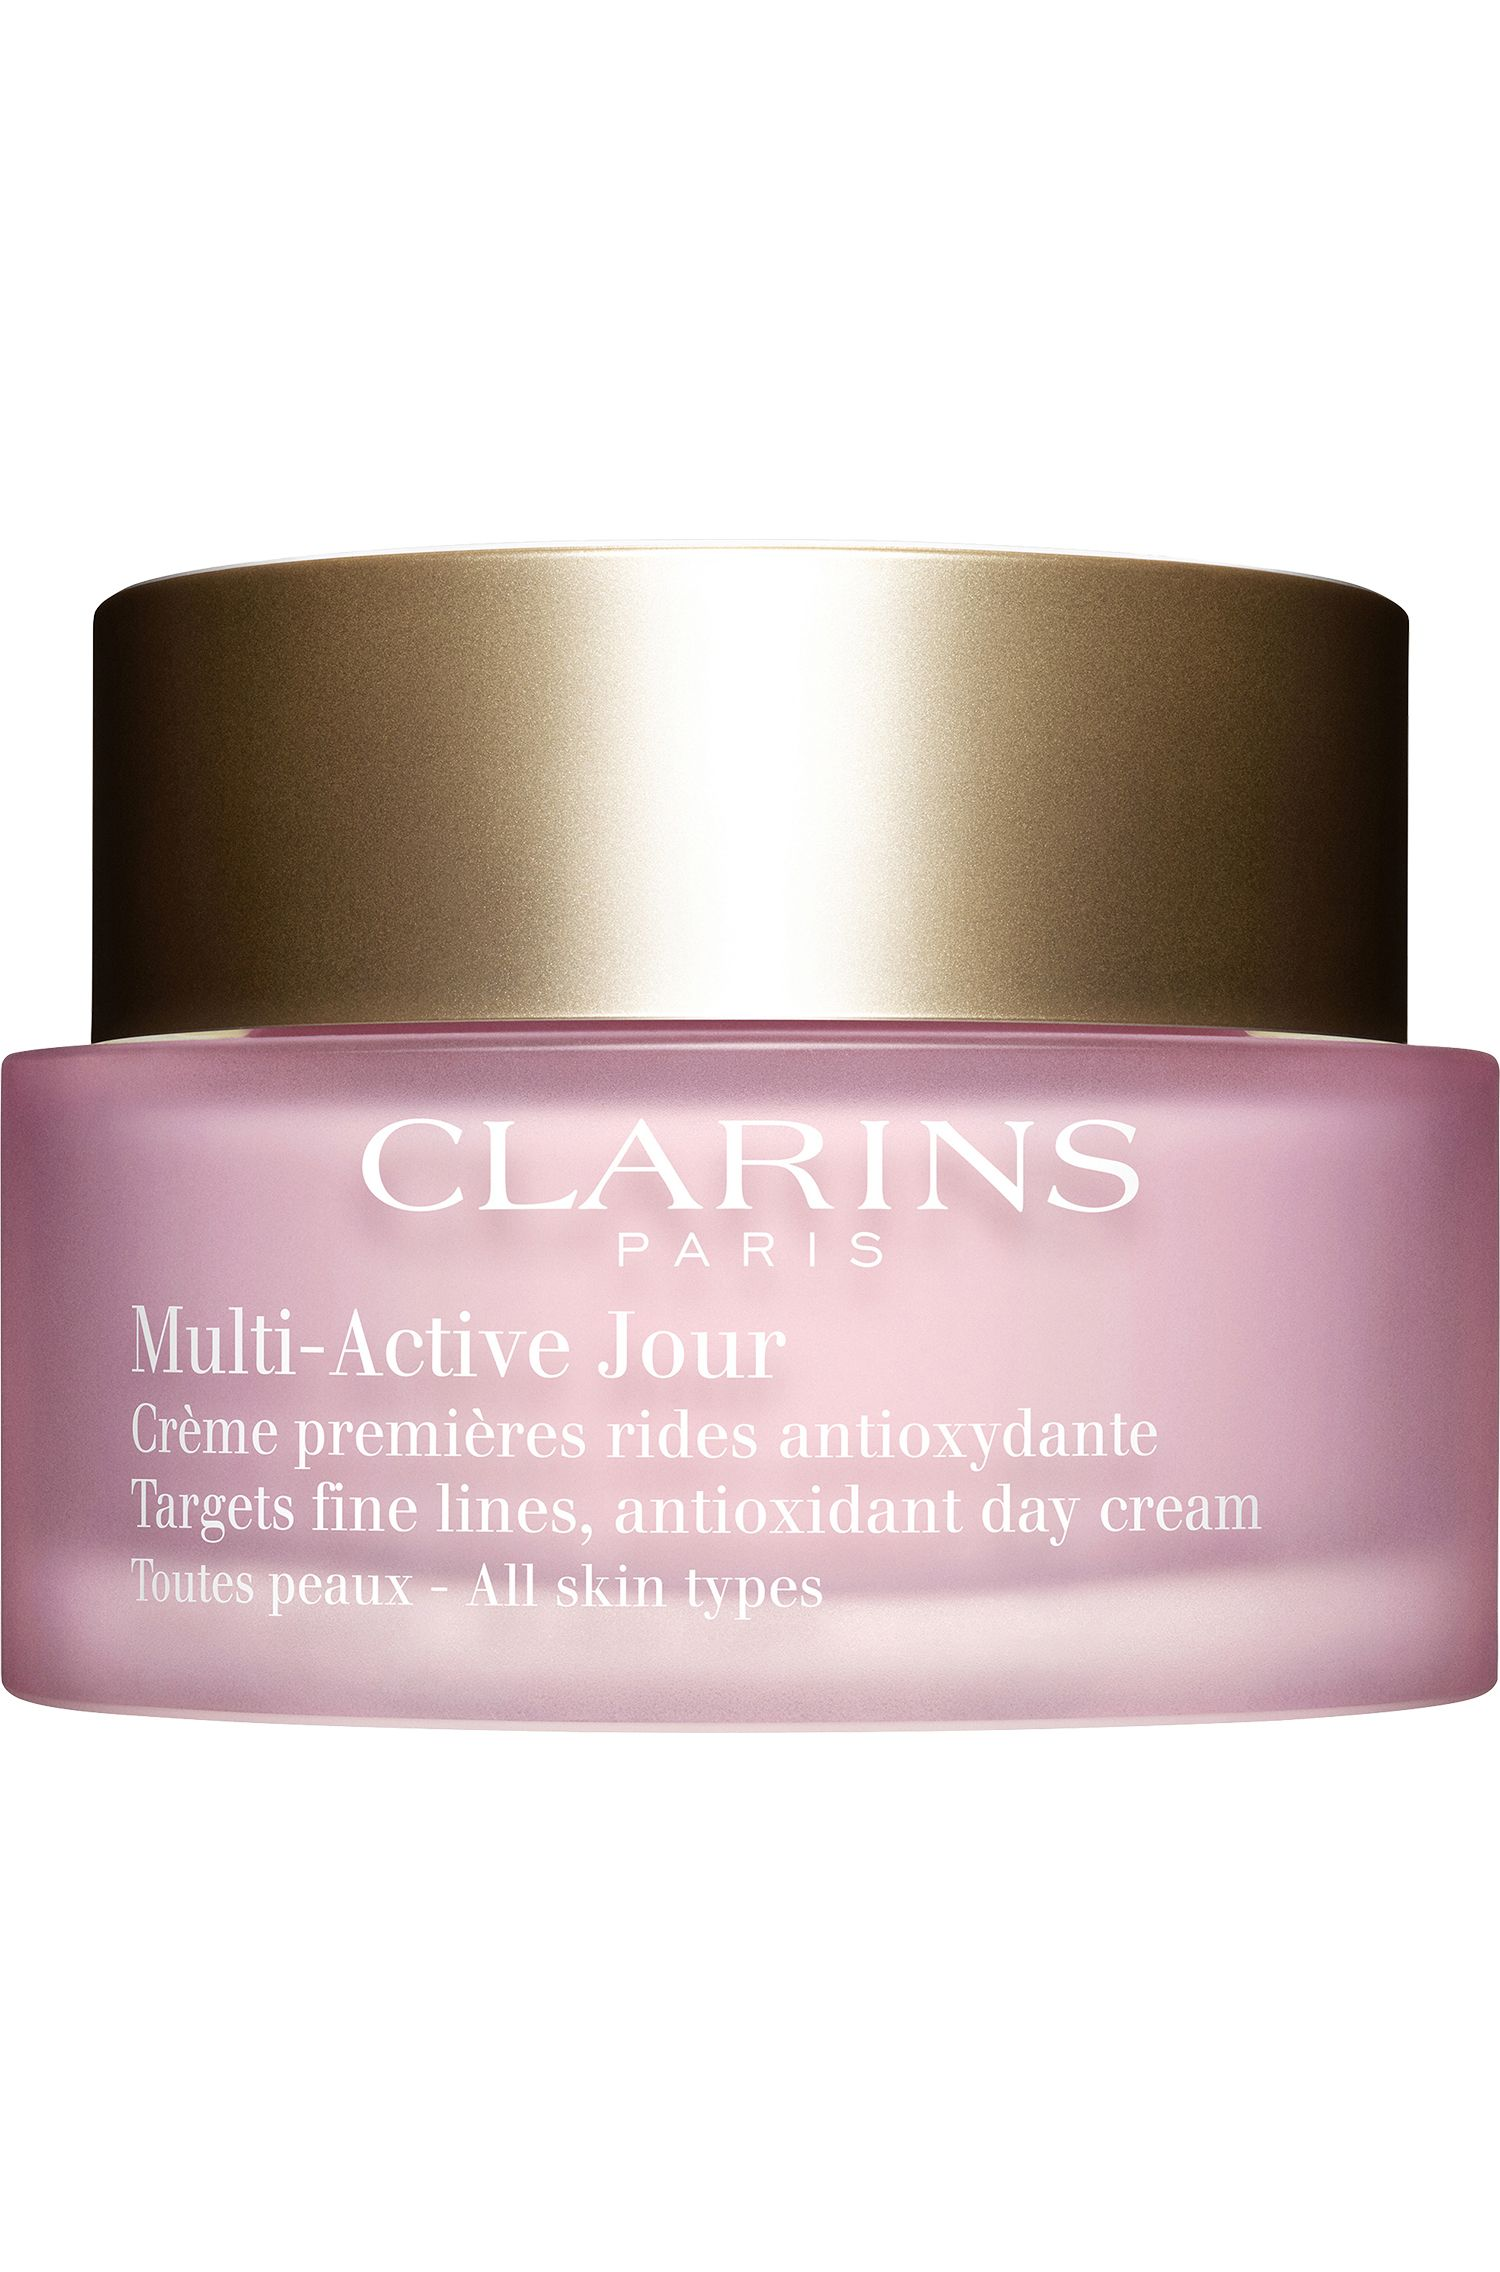 Blissim : Clarins - Crème jour première rides anti-oxydante Multi-Active - Crème jour première rides anti-oxydante Multi-Active